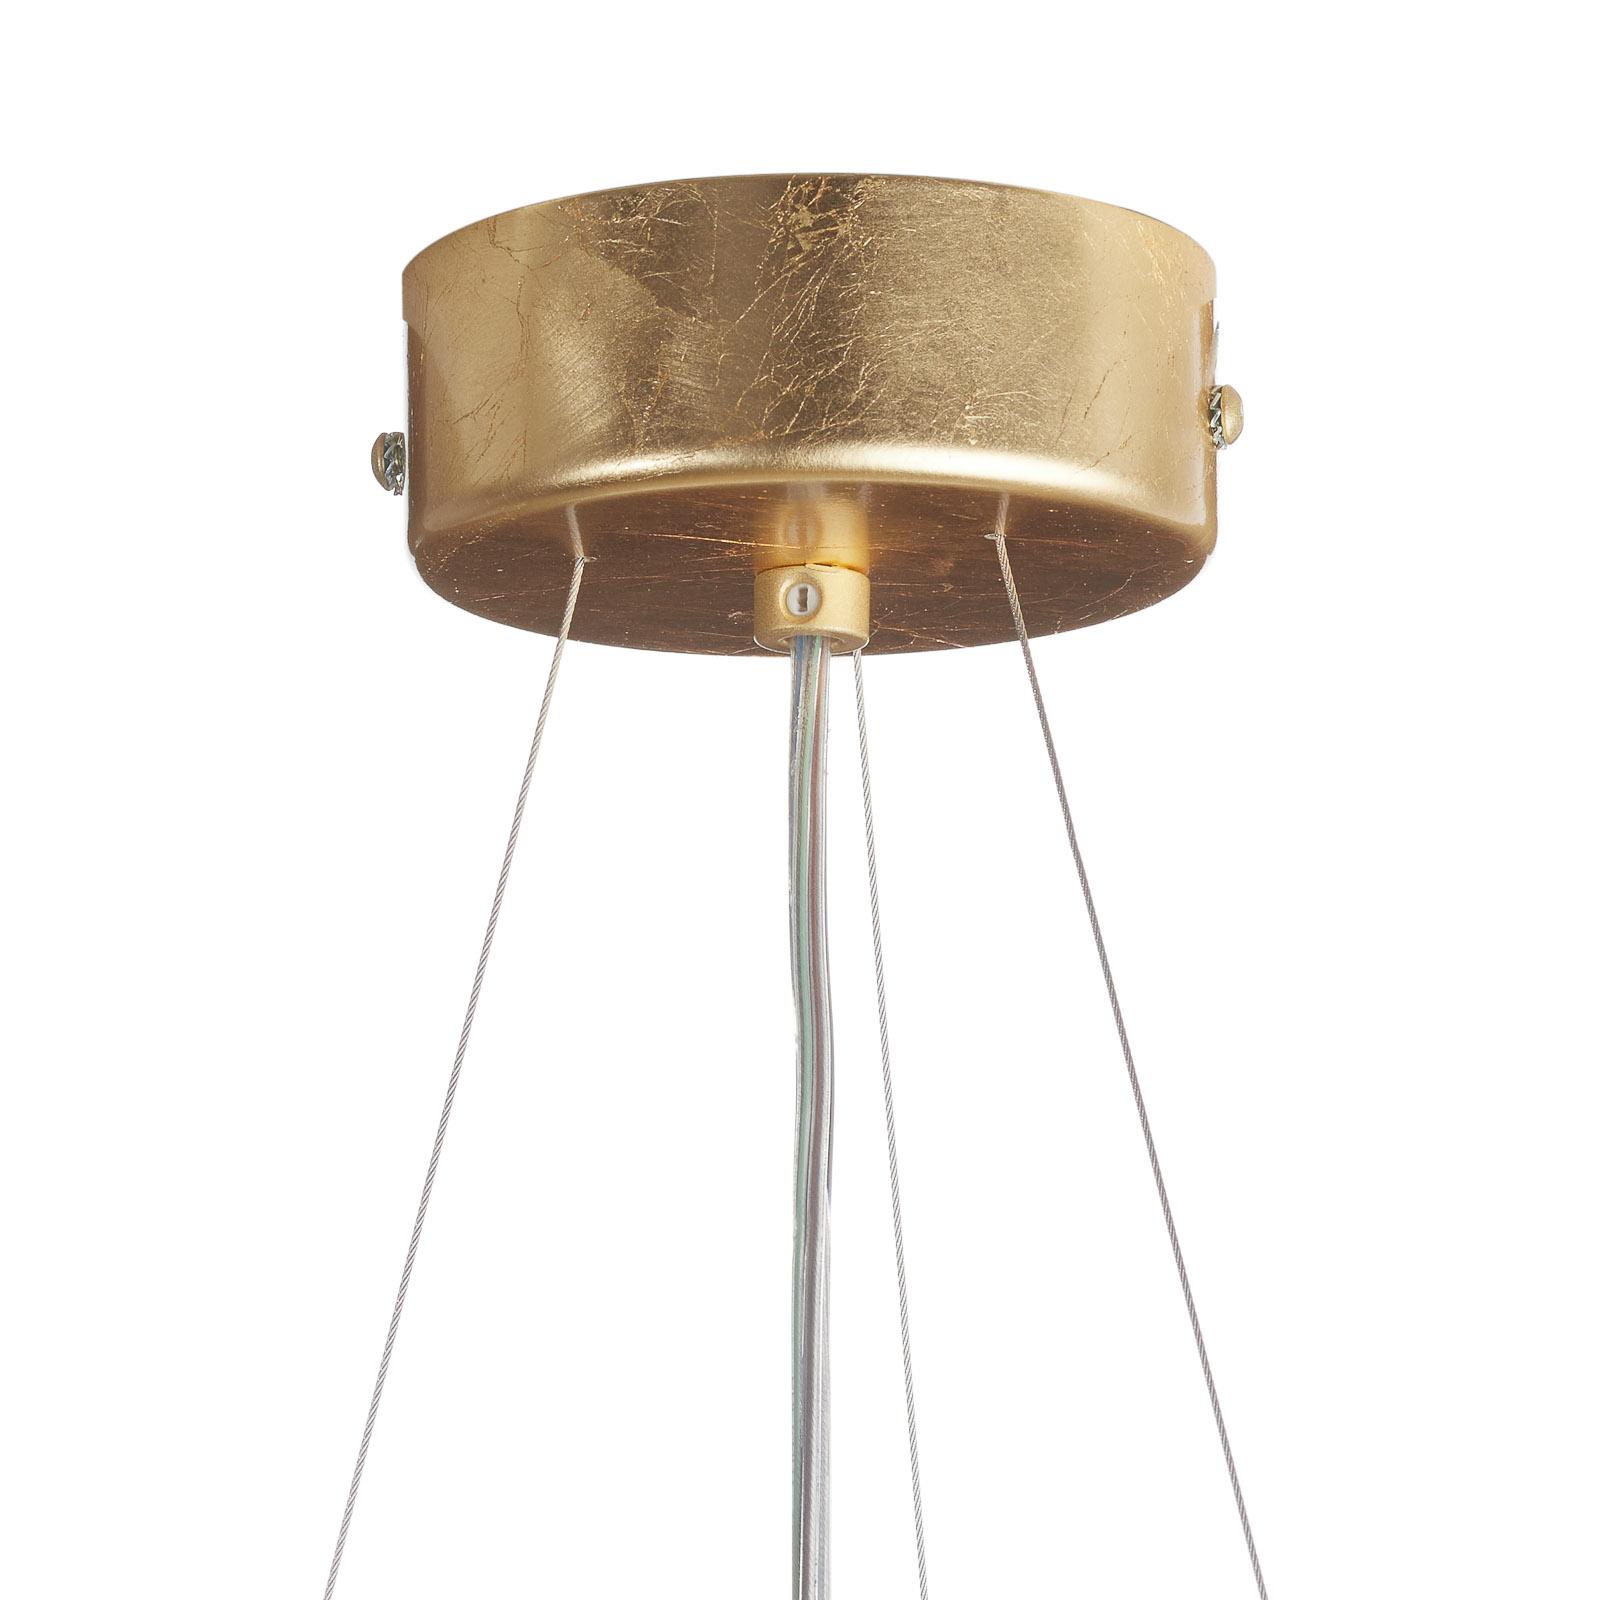 Lampa wisząca Pura z płatkowym złotem 60cm, 3x E27